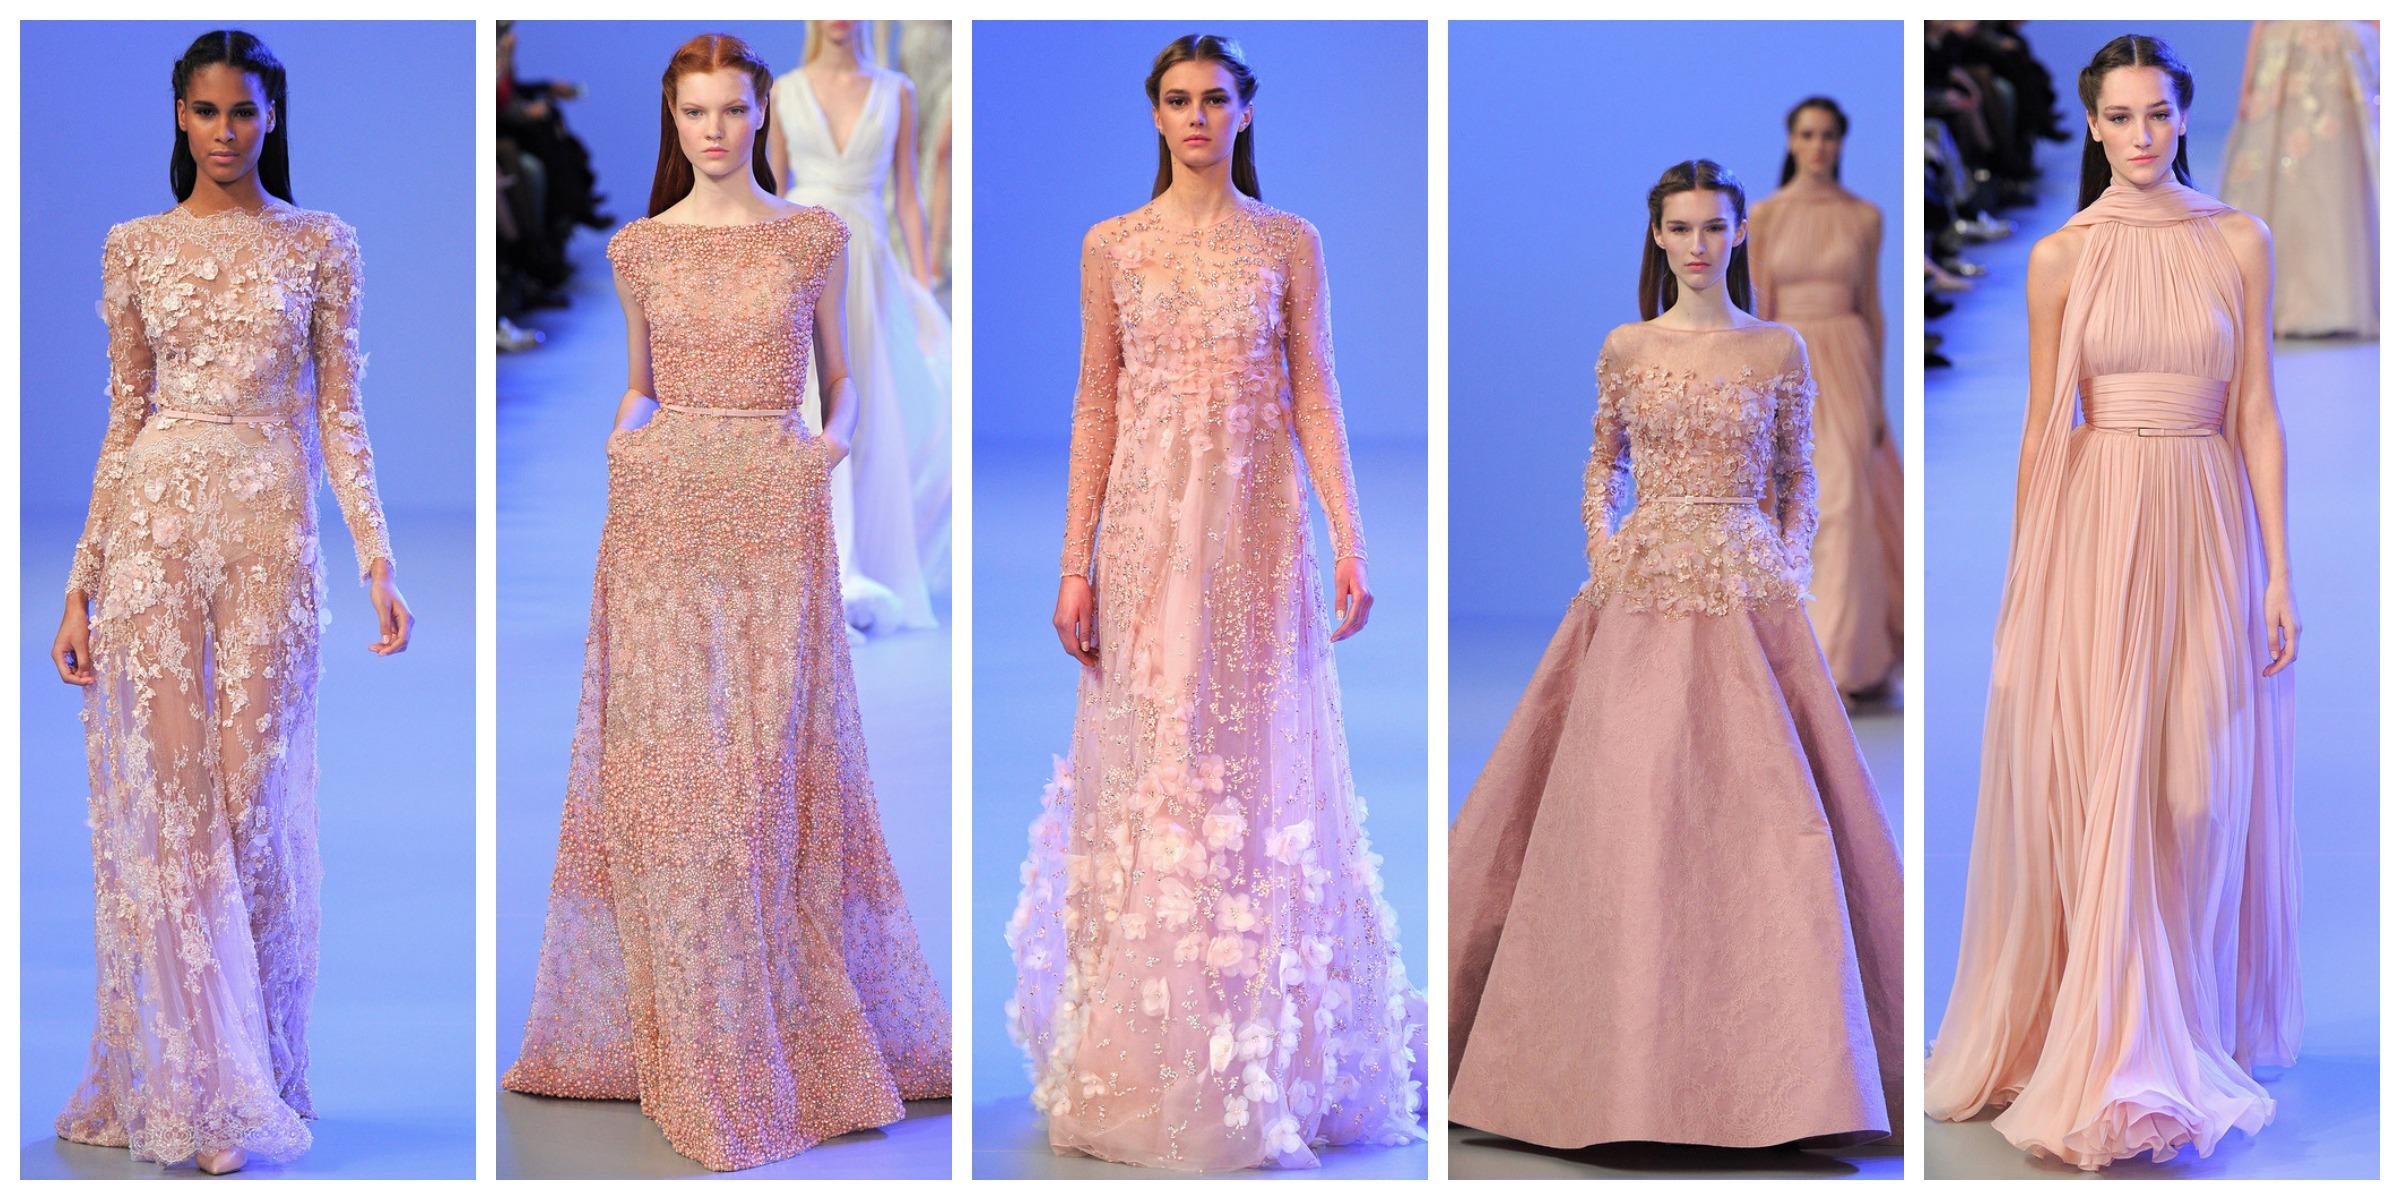 Elie Saab Couture - Perlas y Coco